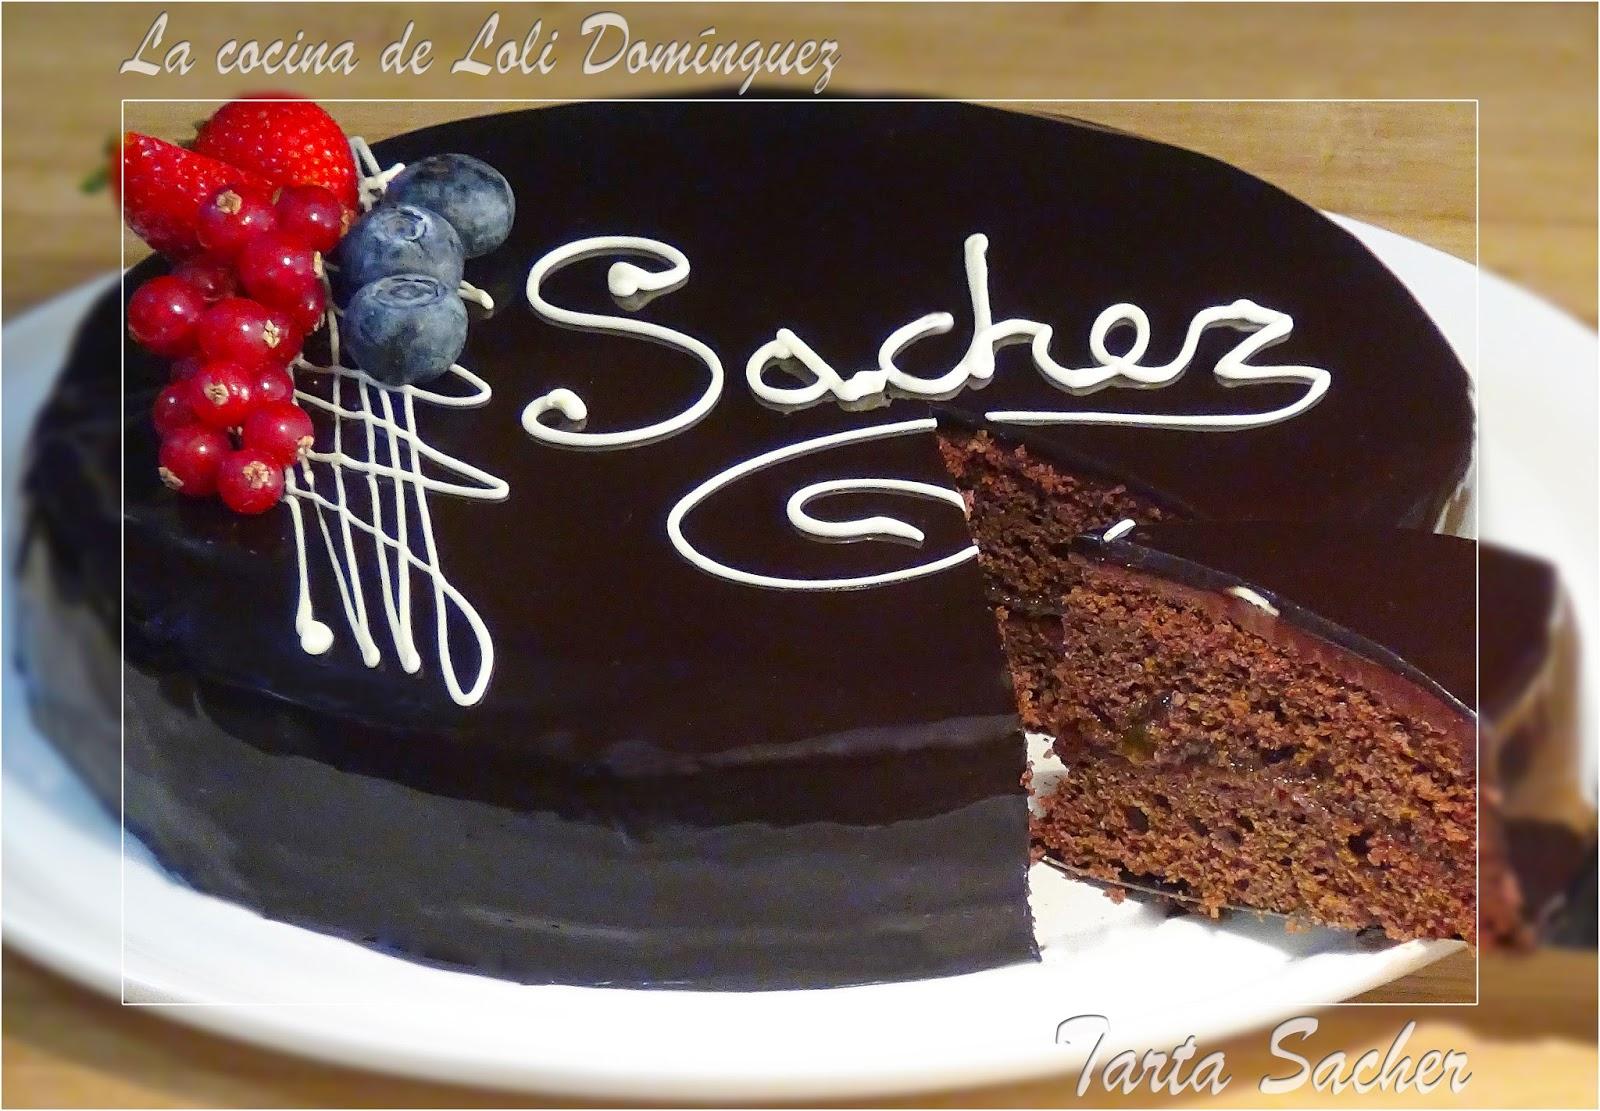 La cocina de loli dom nguez tarta sacher for Sukur pesadilla en la cocina